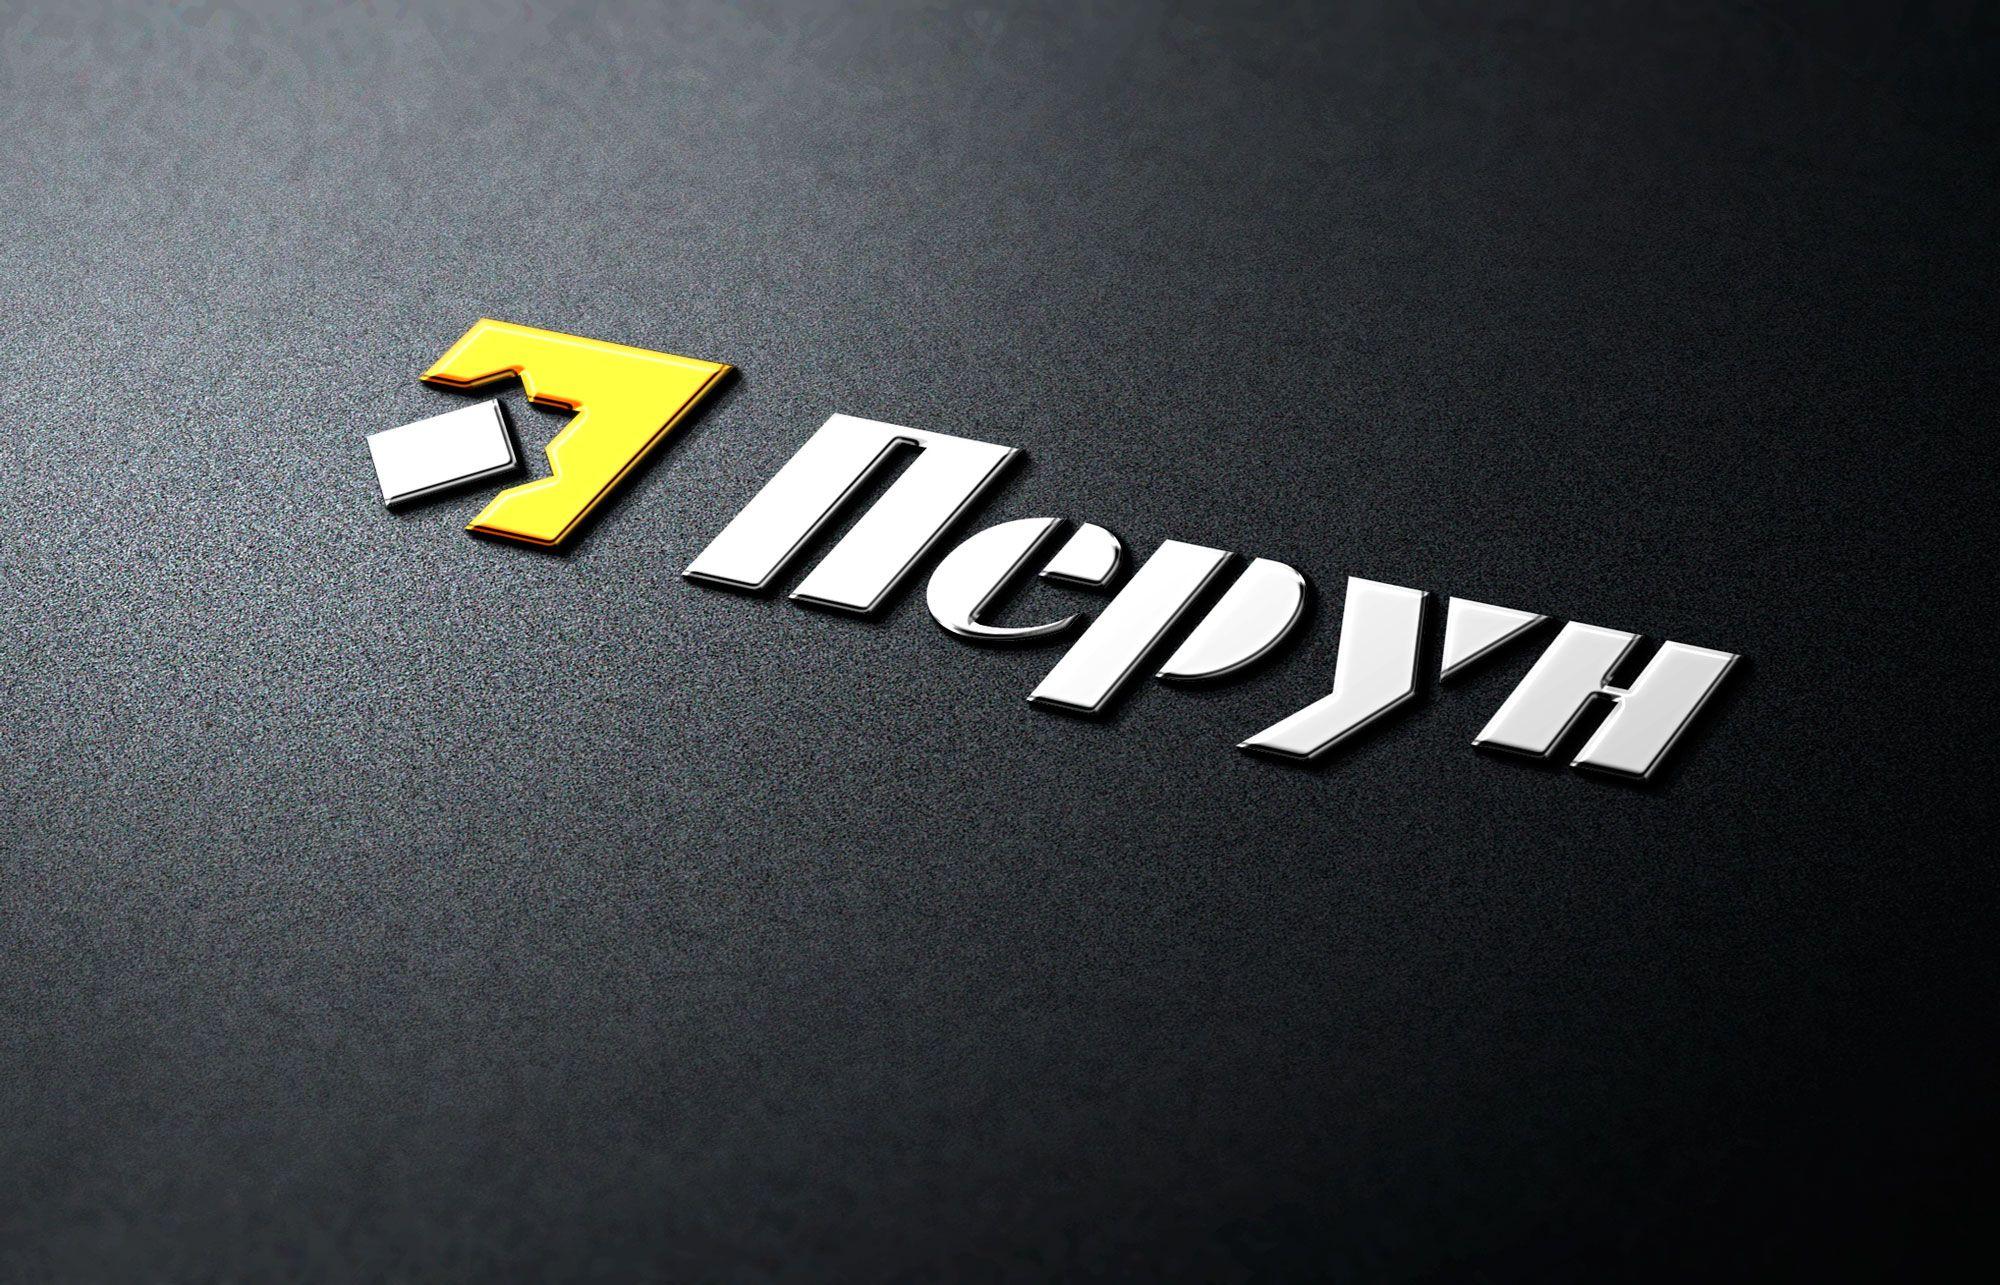 Логотип для компании пожарной безопасности Перун - дизайнер Ninpo